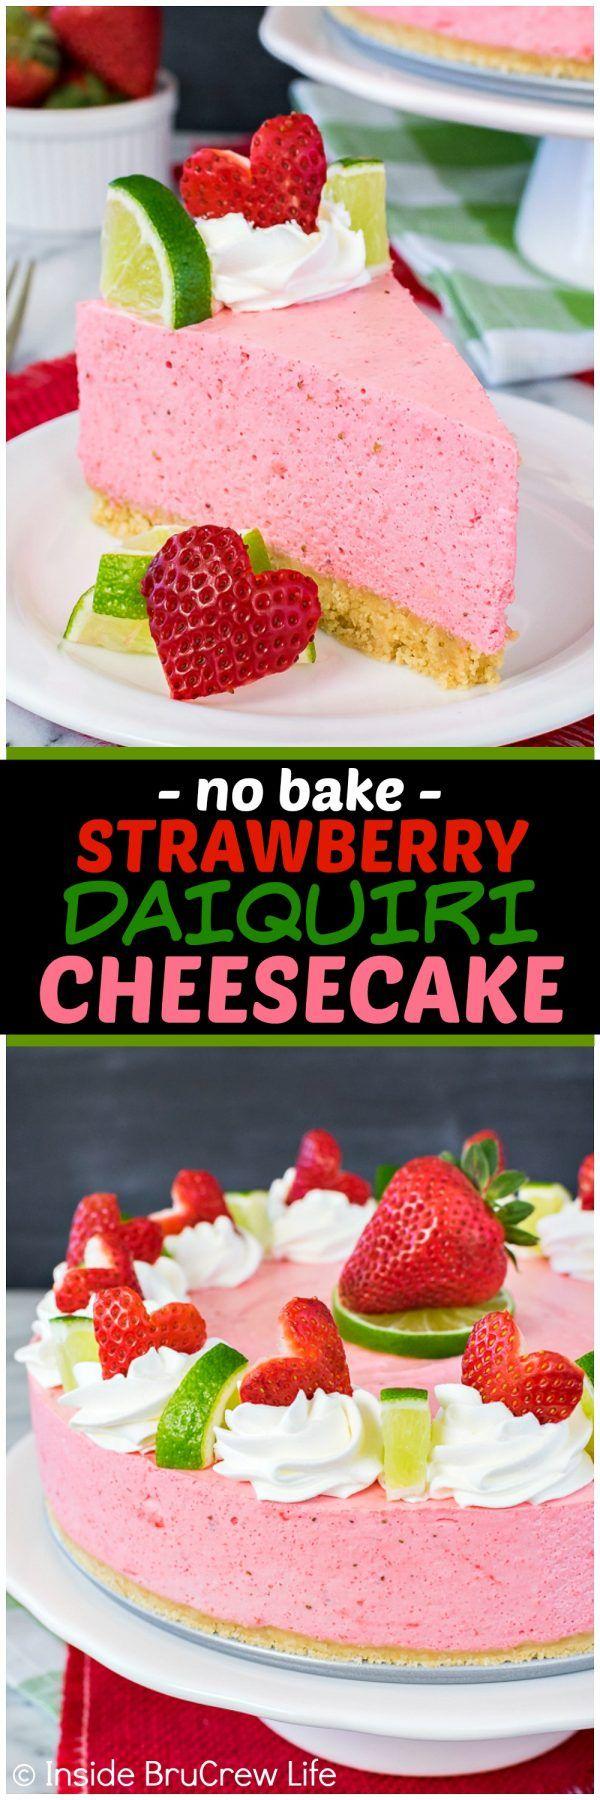 No Bake Strawberry Daiquiri Cheesecake recipe